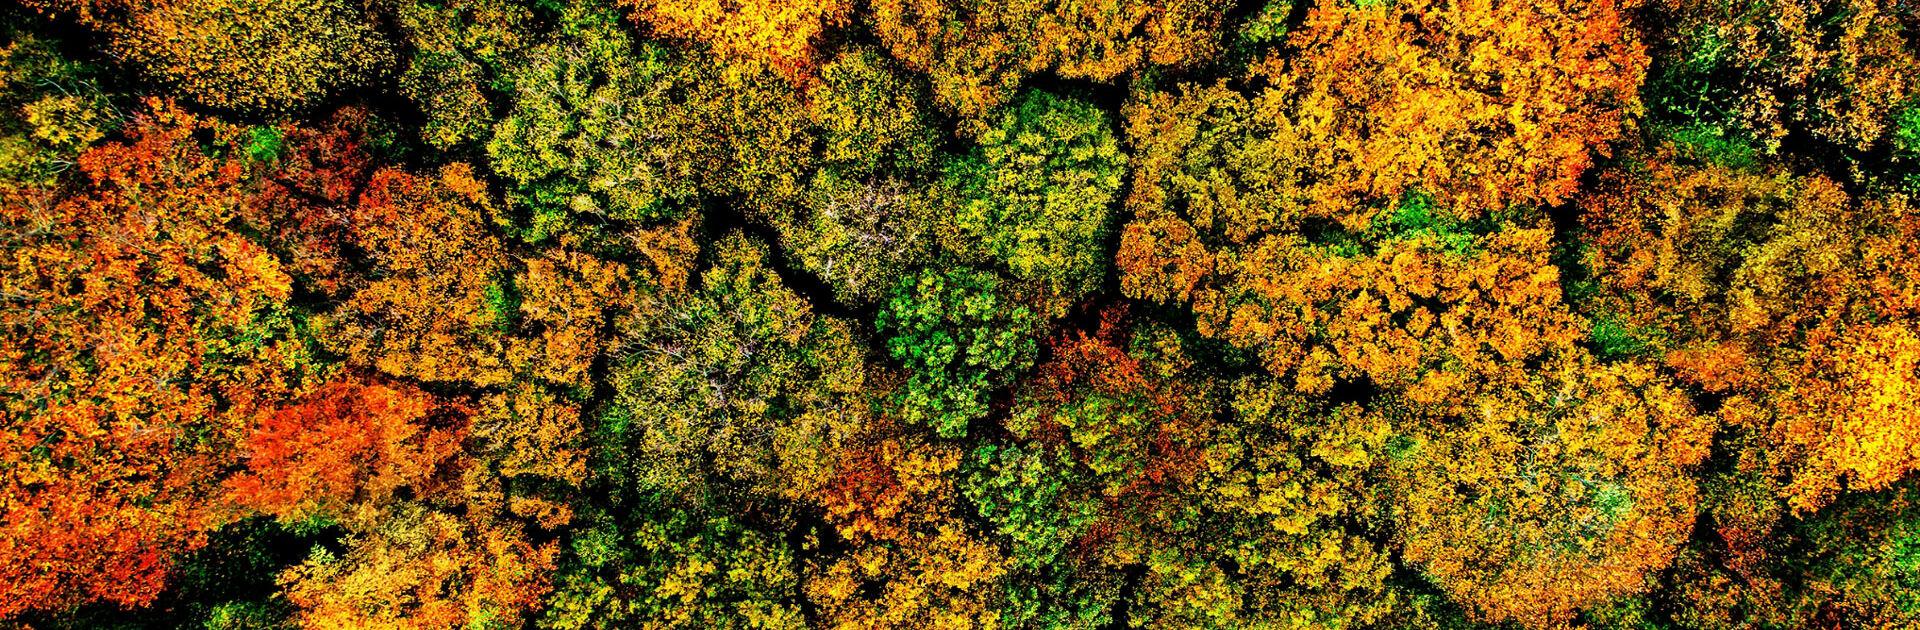 Herbstlandschaft Holz von oben